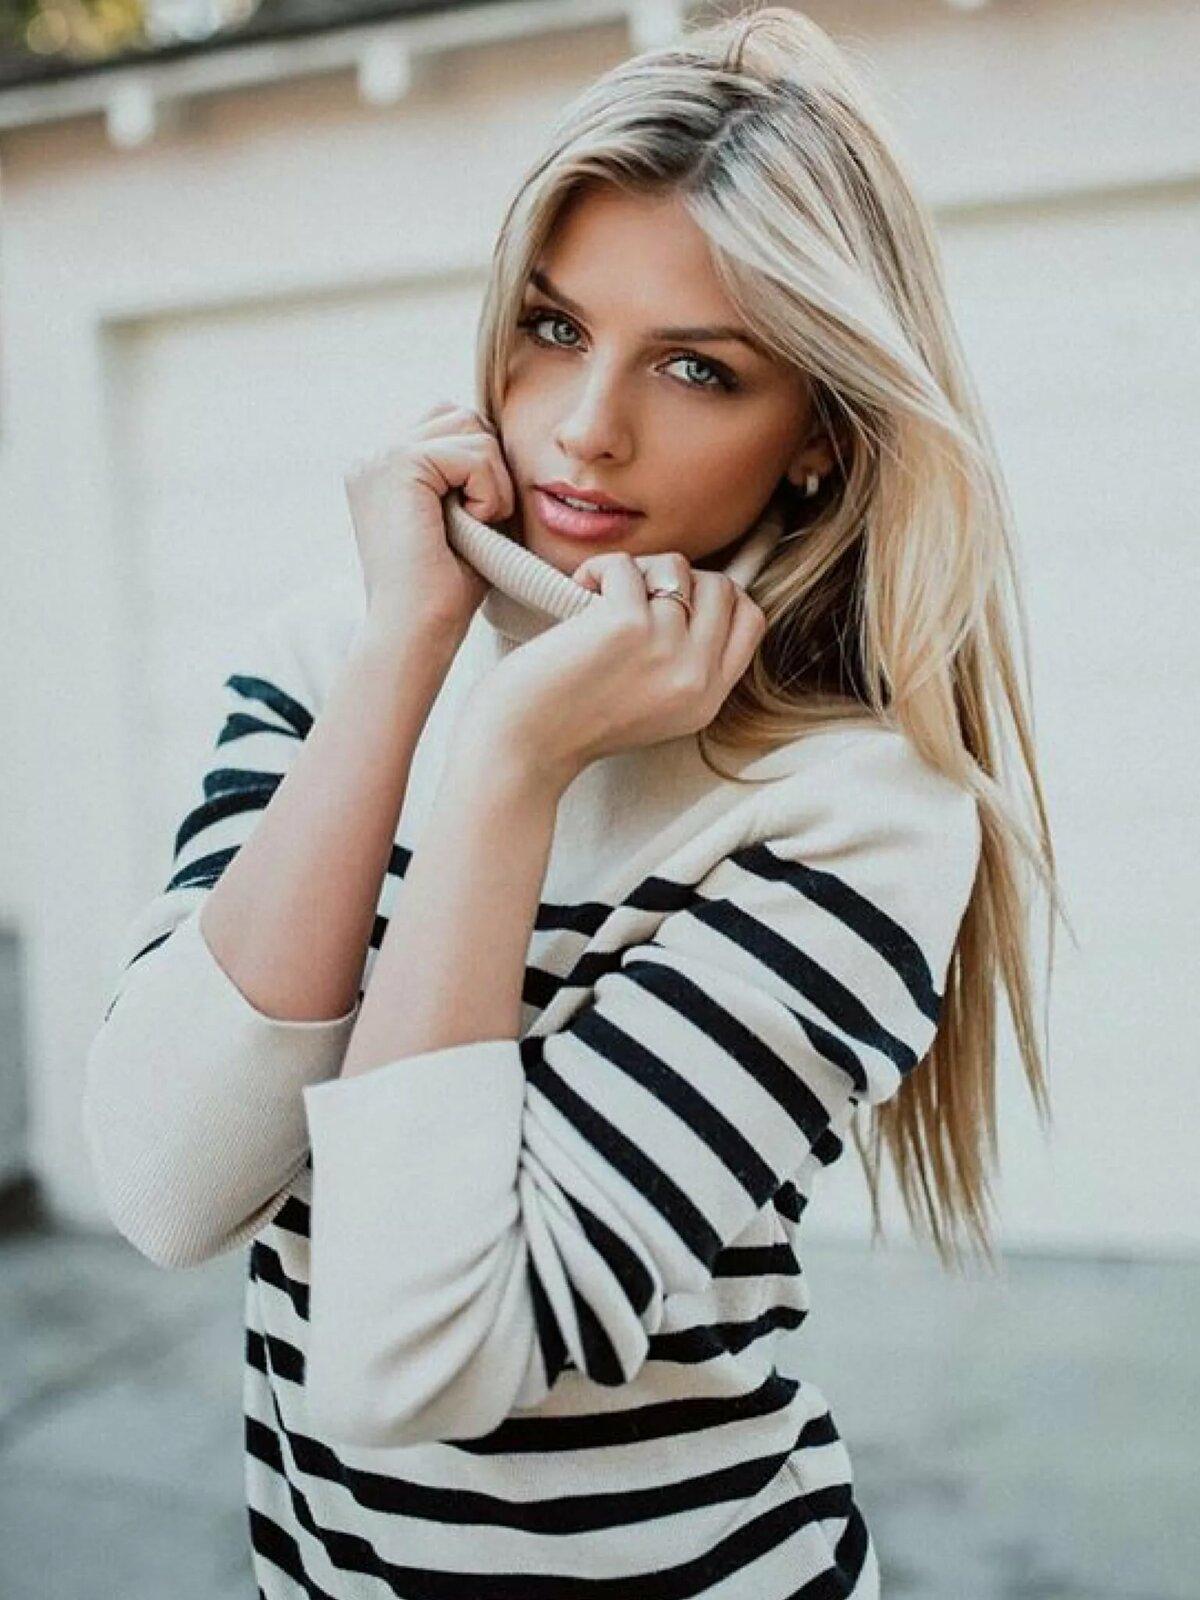 Фото картинки девушка блондинка